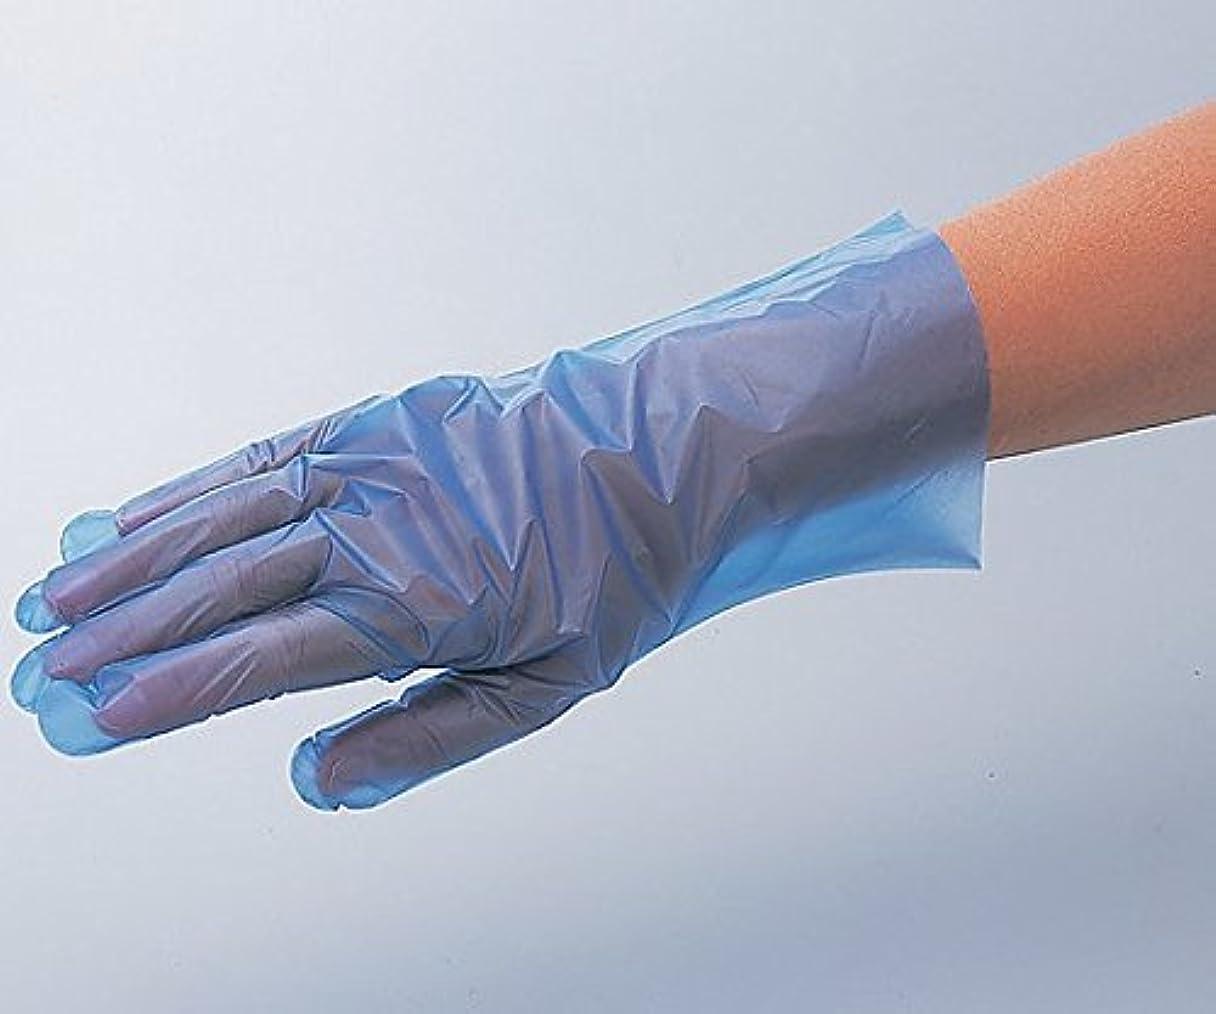 メガロポリス熟読戦うアズワン6-9730-04サニーノール手袋エコロジーブルーショートL200枚入